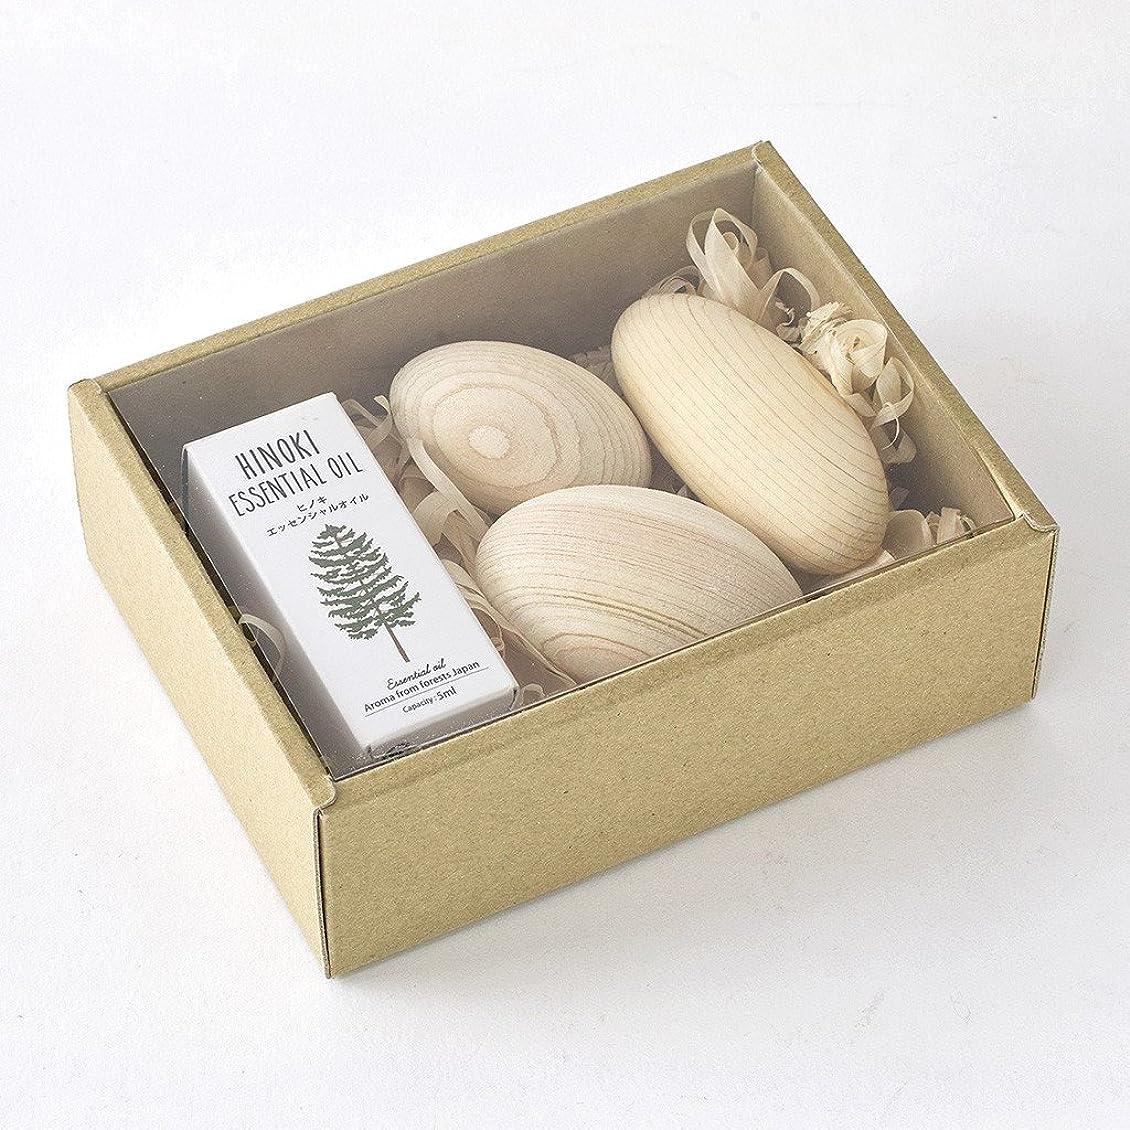 追加伸ばすライドSPICE OF LIFE アロマオイル&ウッドボールセット ヒノキ 木曽ヒノキ 天然精油 香り 癒し リラックス 日本製 YKLG8010SET